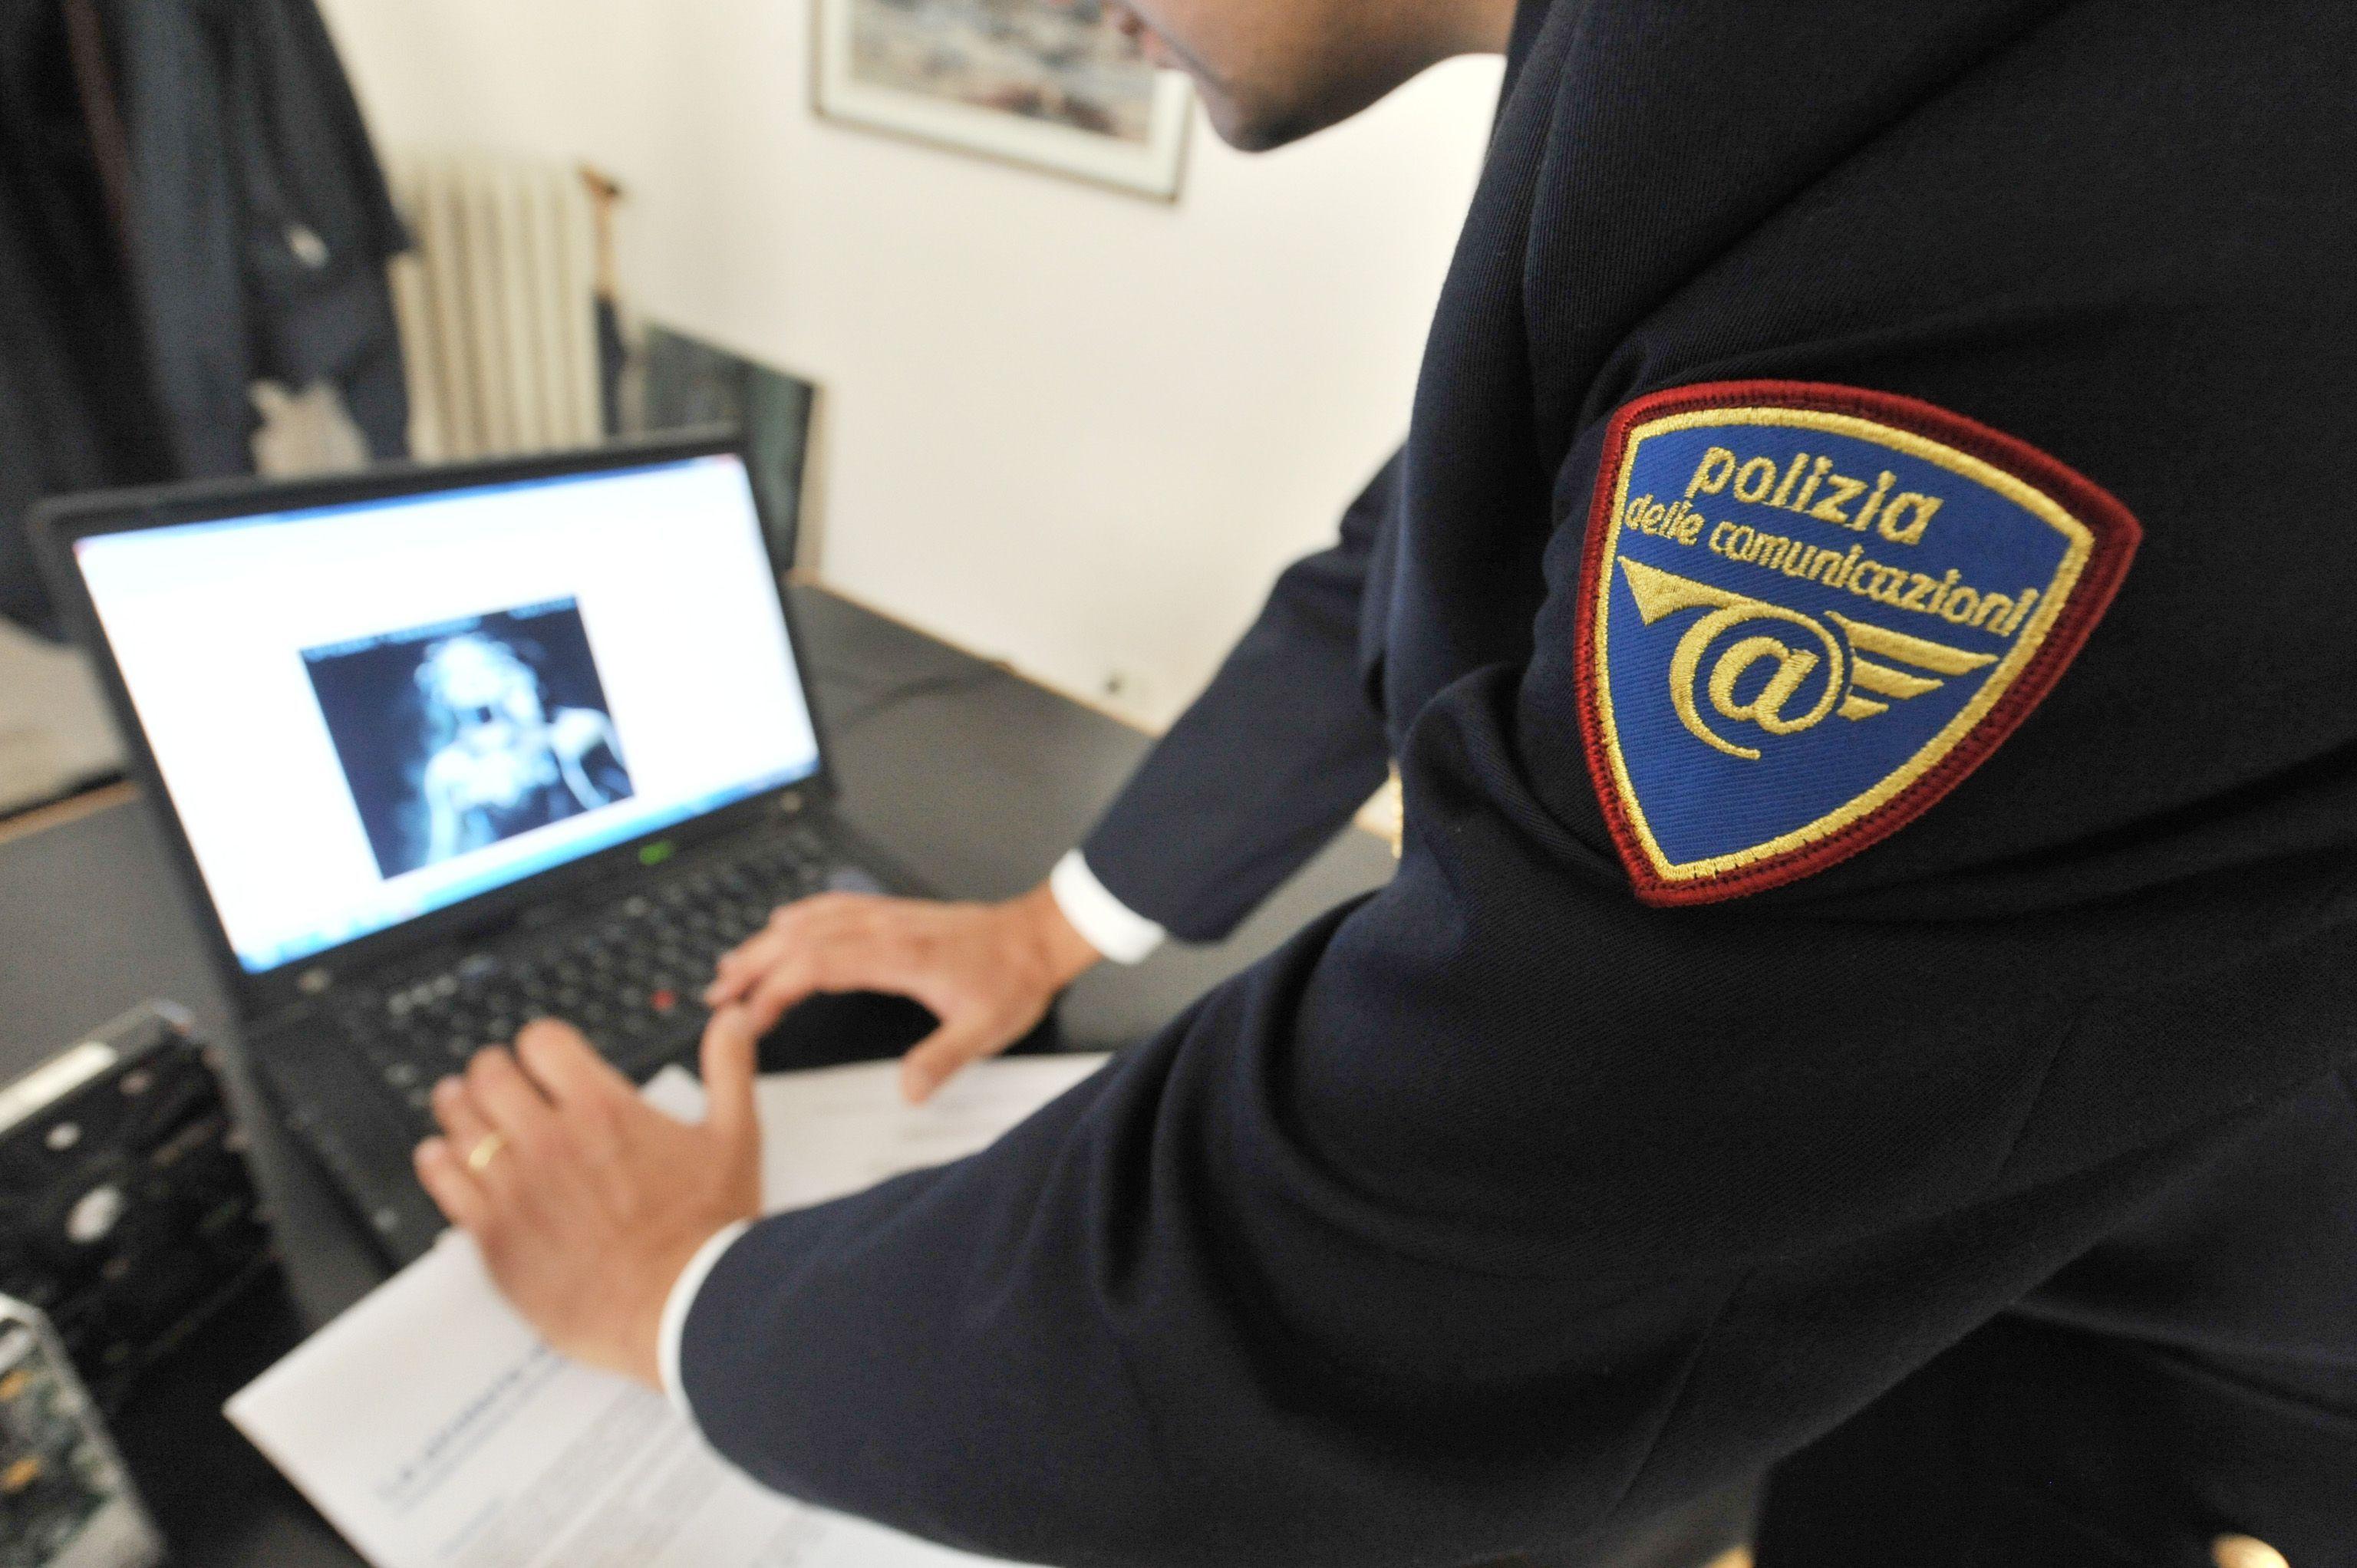 Criminalità online, gli operatori devono farsi carico dei rischi del web